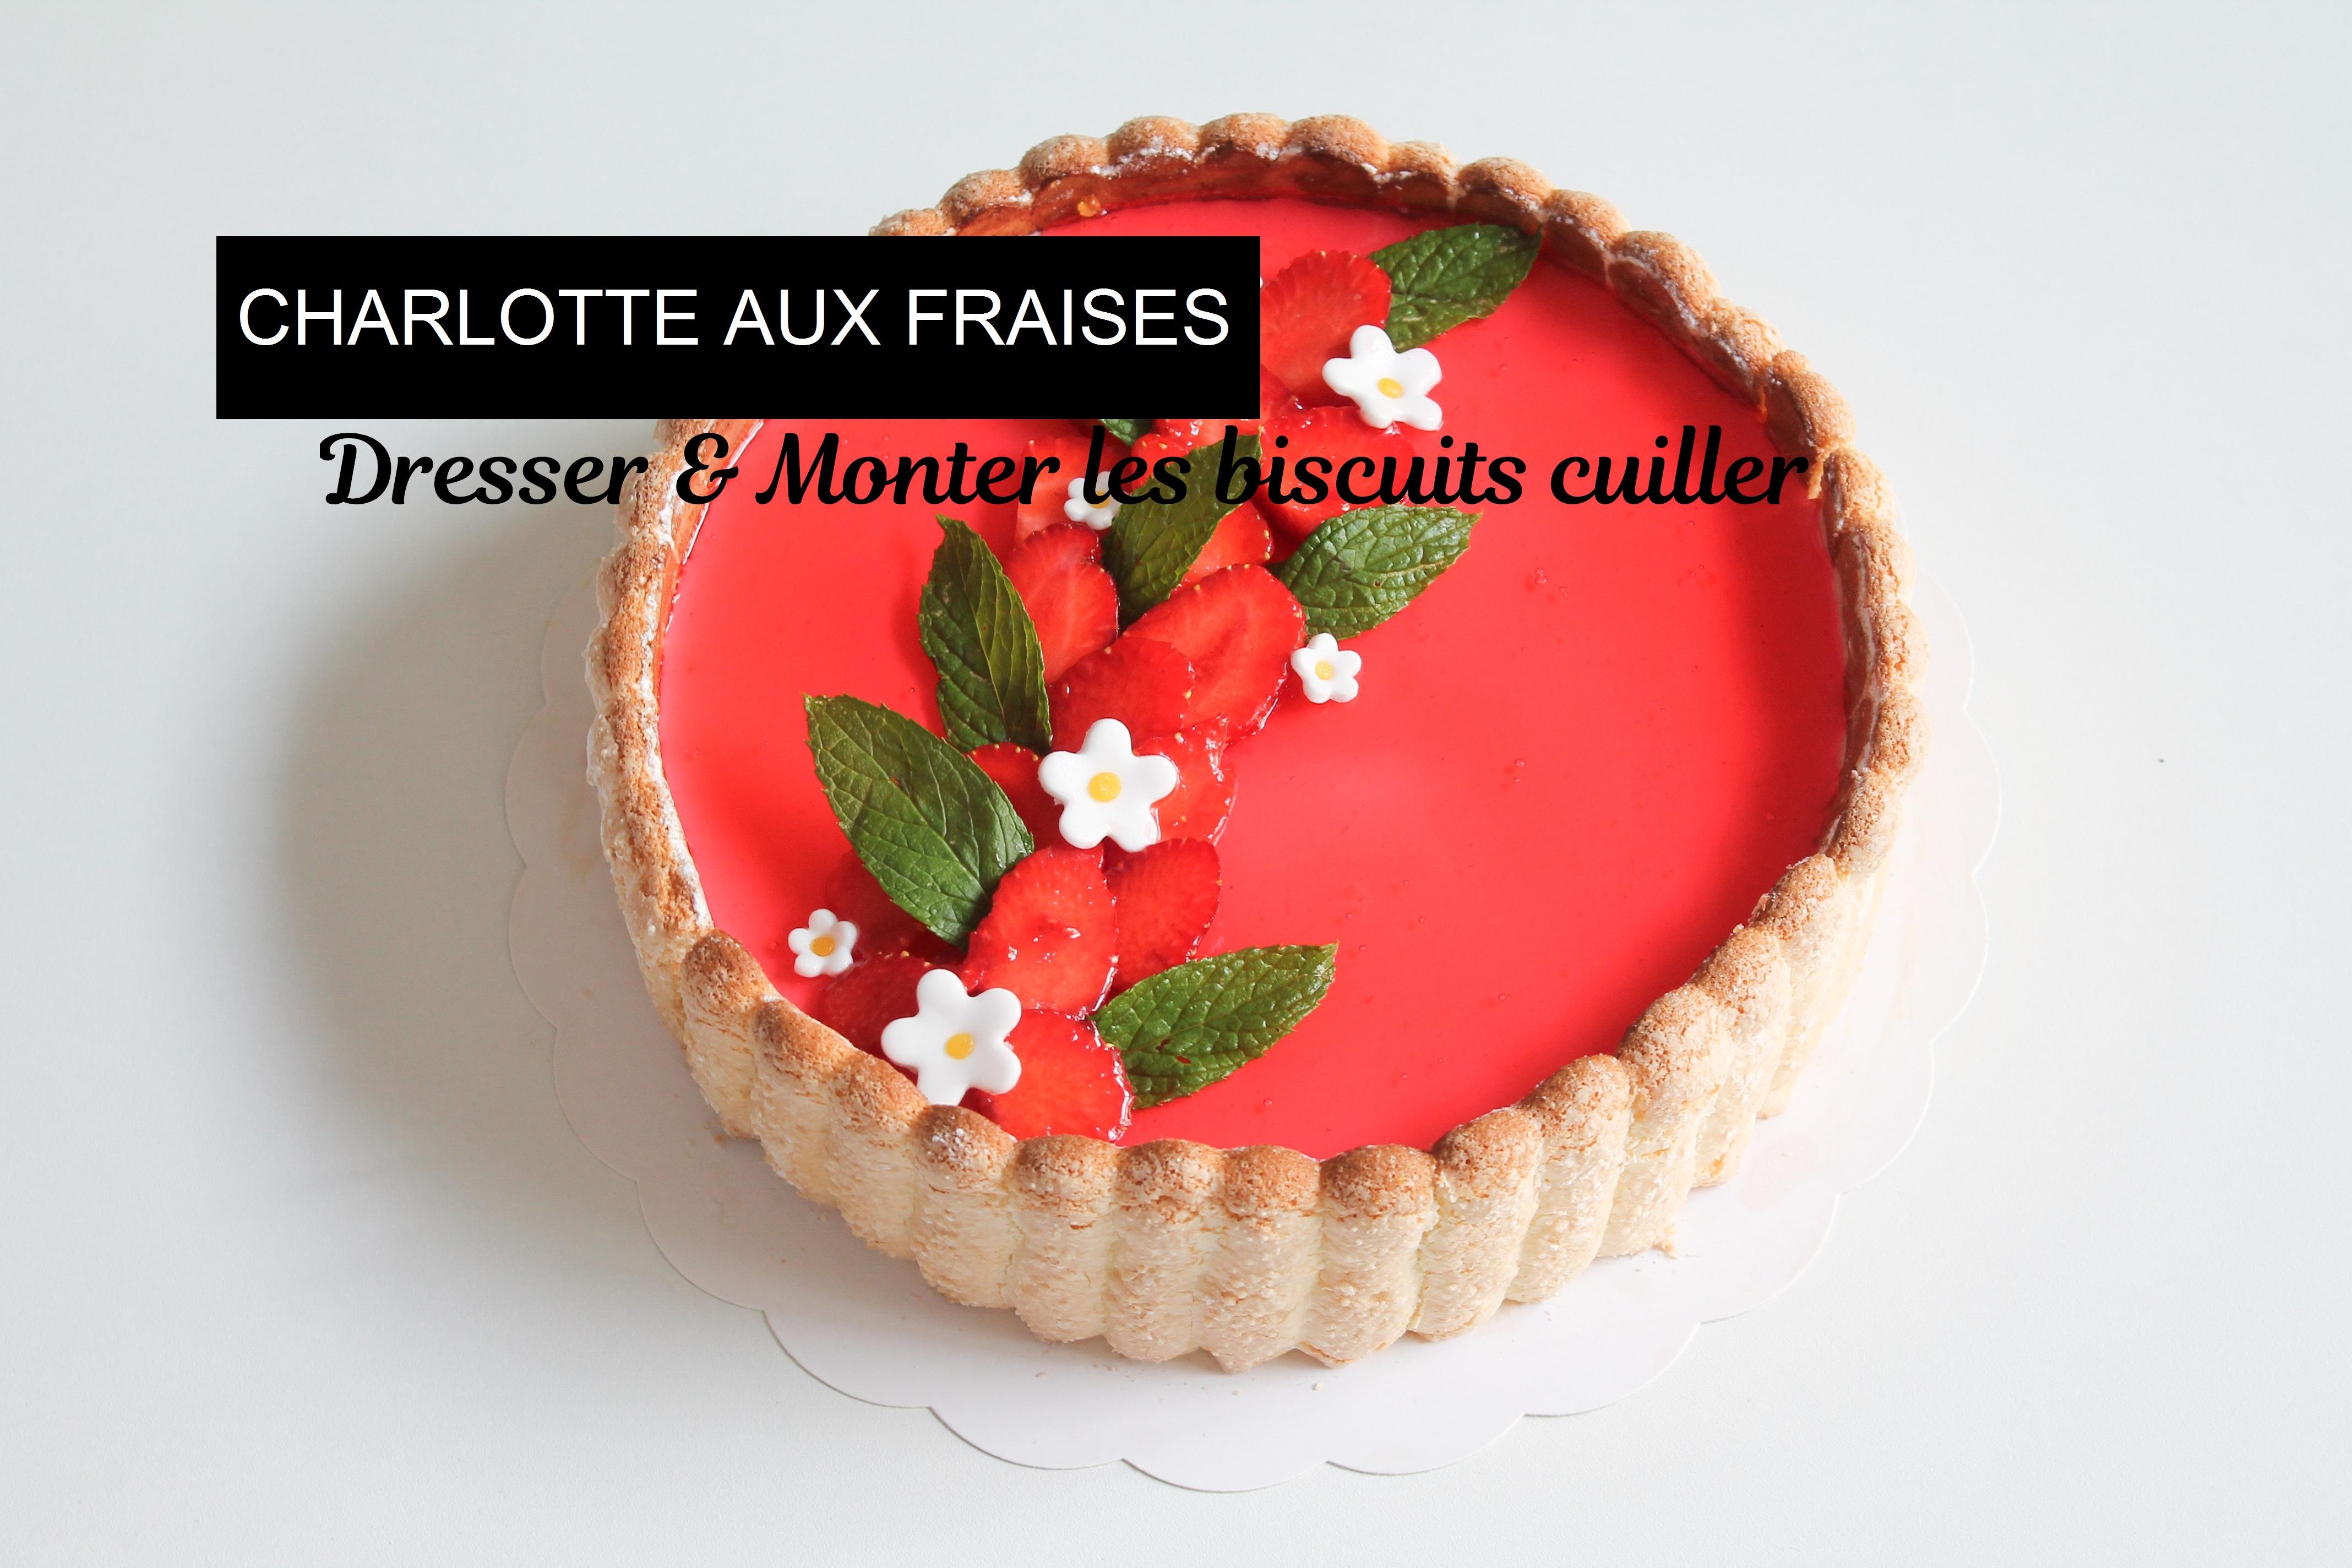 #VIDÉO | DRESSER & MONTER LES BISCUITS CUILLER [CHARLOTTE AUX FRAISES]